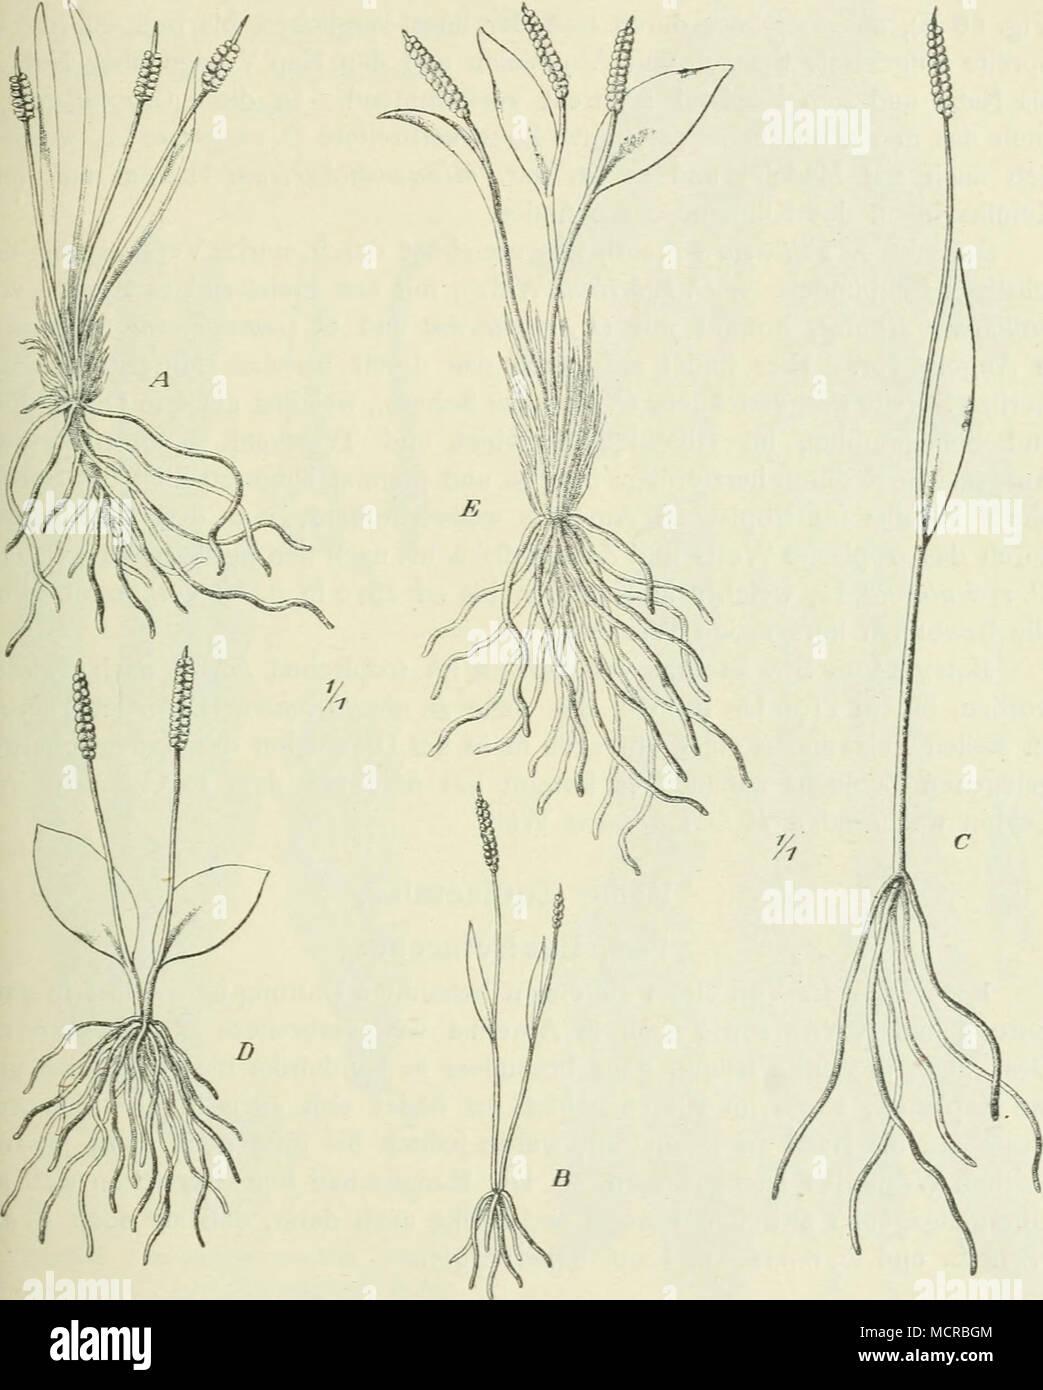 . Fig. 67. A Ophioglossnm Bergianum Schlechtdl.; B O. graminenm Willd.; C O. lusoafricanum Wehv.; D O. Gomezianum Welw.; E O. capense Sw. emend. linealer bis lineal-lanzettlicher, steriler Spreite, und das größere 0. lusoafricanuvi Wehv. (Fig. 67 6^) in Angola (Pungo Andongo); 0. lusitanicum L. erstreckt sich von Westeuropa und dem Mittelmeergebiete bis zu den Kanaren; eine Stock Photo